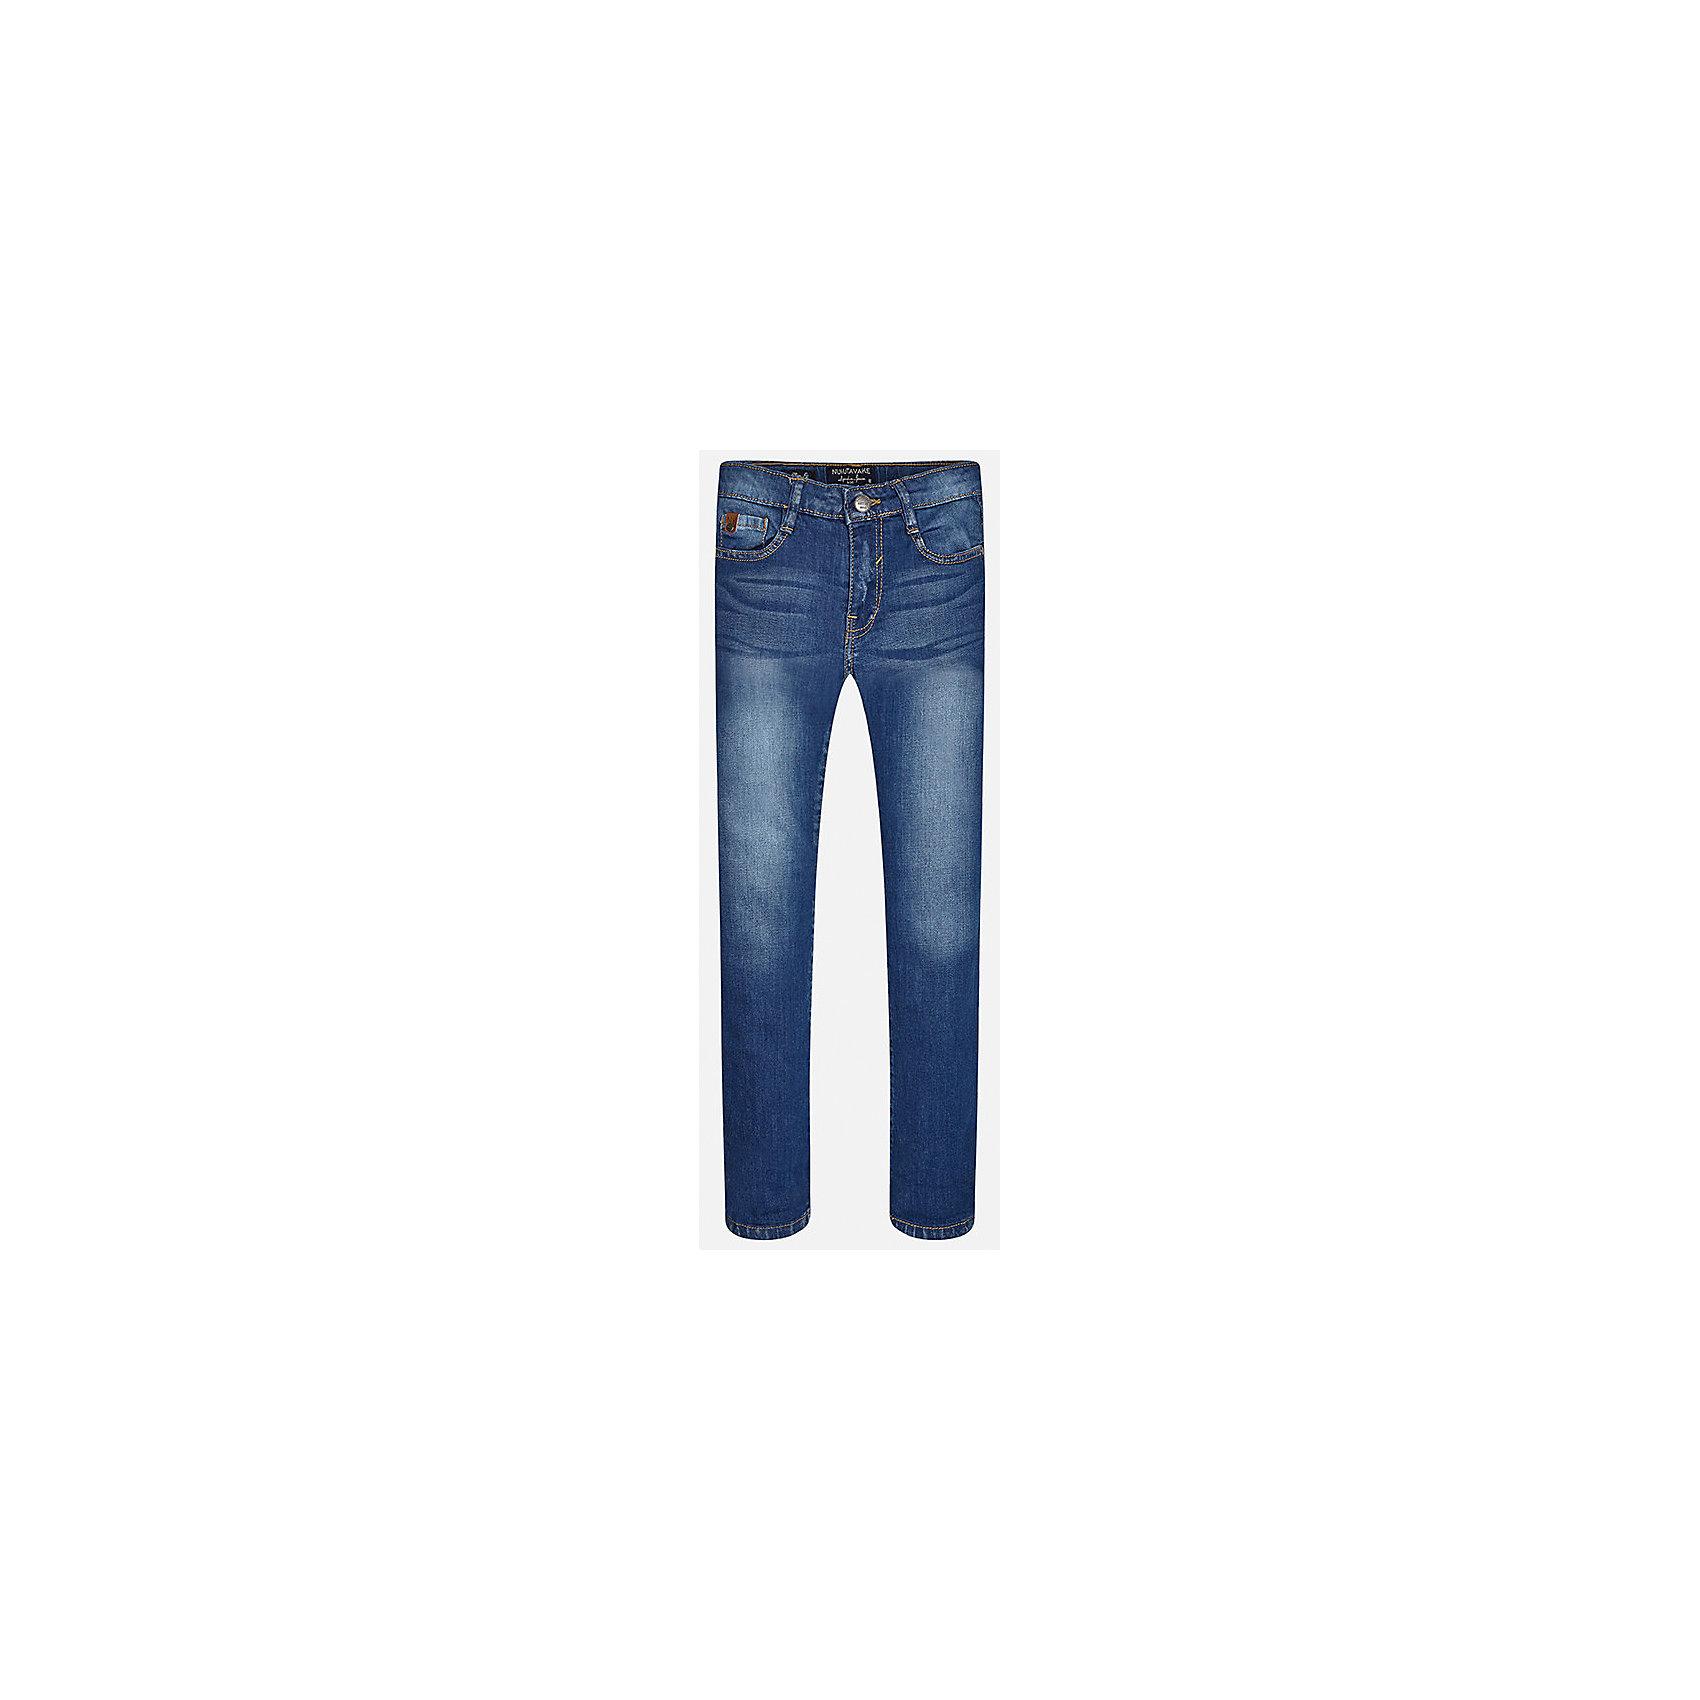 Джинсы для мальчика MayoralДжинсовая одежда<br>Характеристики товара:<br><br>• цвет: синий<br>• состав: 97% хлопок, 3% эластан<br>• эффект потертости<br>• карманы<br>• пояс с регулировкой объема<br>• шлевки<br>• страна бренда: Испания<br><br>Стильные джинсы для мальчика смогут разнообразить гардероб ребенка и украсить наряд. Они отлично сочетаются с майками, футболками, блузками. Красивый оттенок позволяет подобрать к вещи верх разных расцветок. Интересный крой модели делает её нарядной и оригинальной. В составе материала - натуральный хлопок, гипоаллергенный, приятный на ощупь, дышащий.<br><br>Одежда, обувь и аксессуары от испанского бренда Mayoral полюбились детям и взрослым по всему миру. Модели этой марки - стильные и удобные. Для их производства используются только безопасные, качественные материалы и фурнитура. Порадуйте ребенка модными и красивыми вещами от Mayoral! <br><br>Джинсы для мальчика от испанского бренда Mayoral (Майорал) можно купить в нашем интернет-магазине.<br><br>Ширина мм: 215<br>Глубина мм: 88<br>Высота мм: 191<br>Вес г: 336<br>Цвет: синий<br>Возраст от месяцев: 132<br>Возраст до месяцев: 144<br>Пол: Мужской<br>Возраст: Детский<br>Размер: 170,140,152,128/134,164,158<br>SKU: 5278148